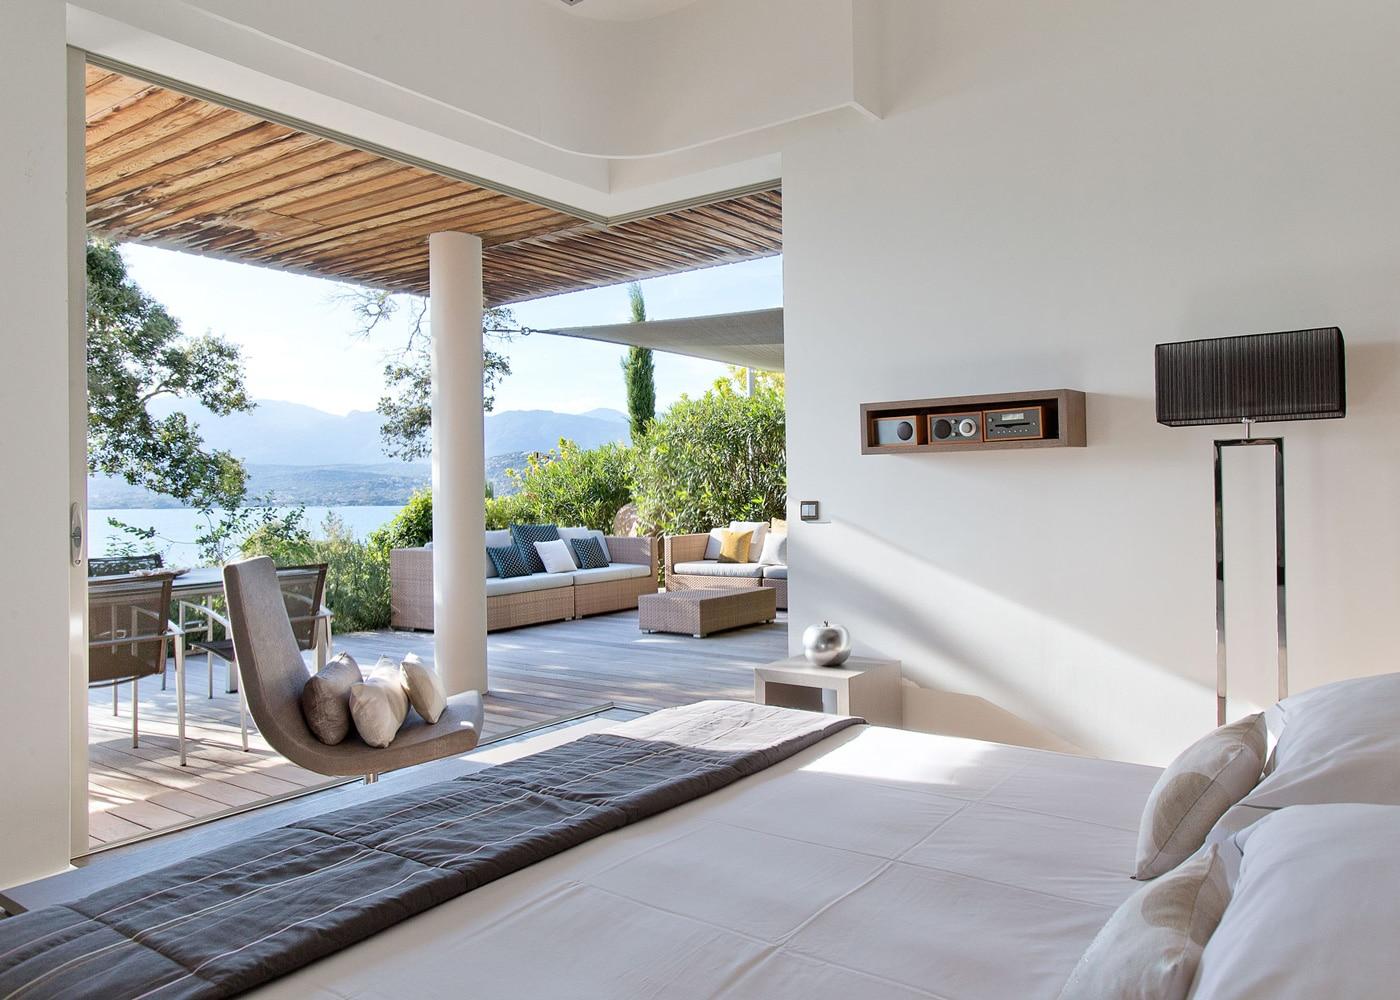 deconfinez-moi-ici-#6-Hotel-Casadelmar--Corse-suite-terrasse